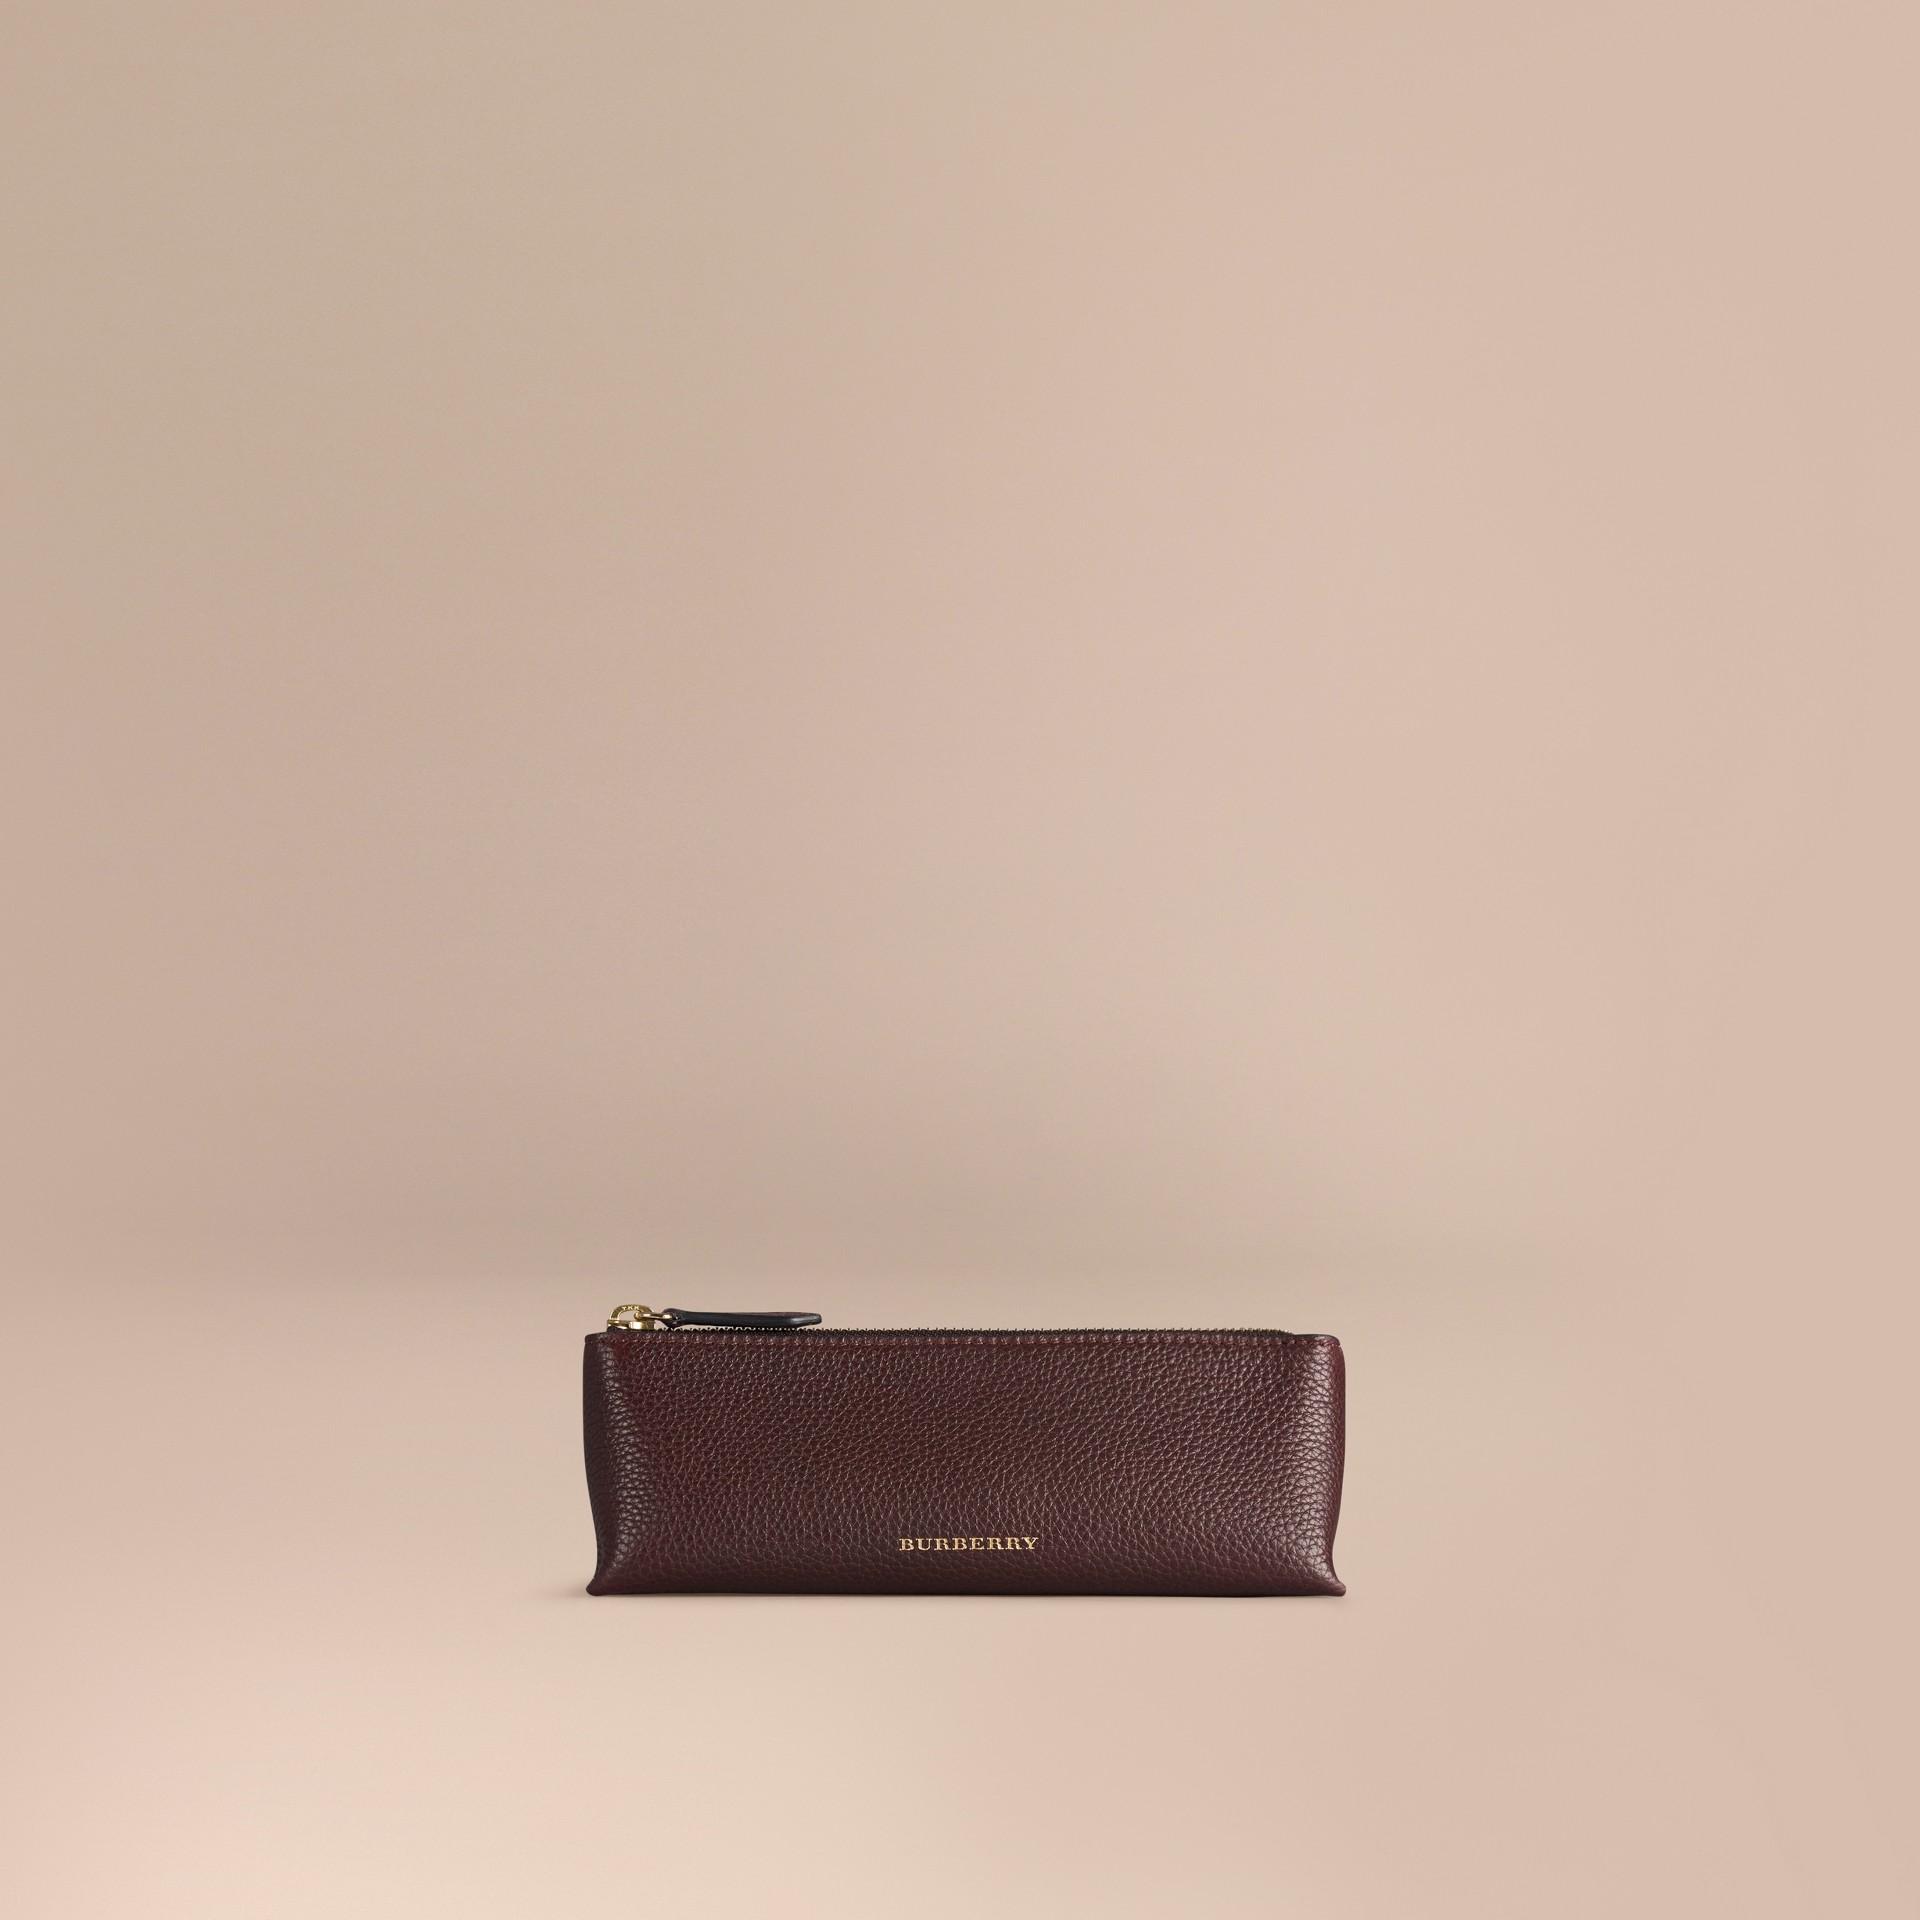 Rosso ebano Pochette piccola porta accessori digitali in pelle a grana Rosso Ebano - immagine della galleria 1